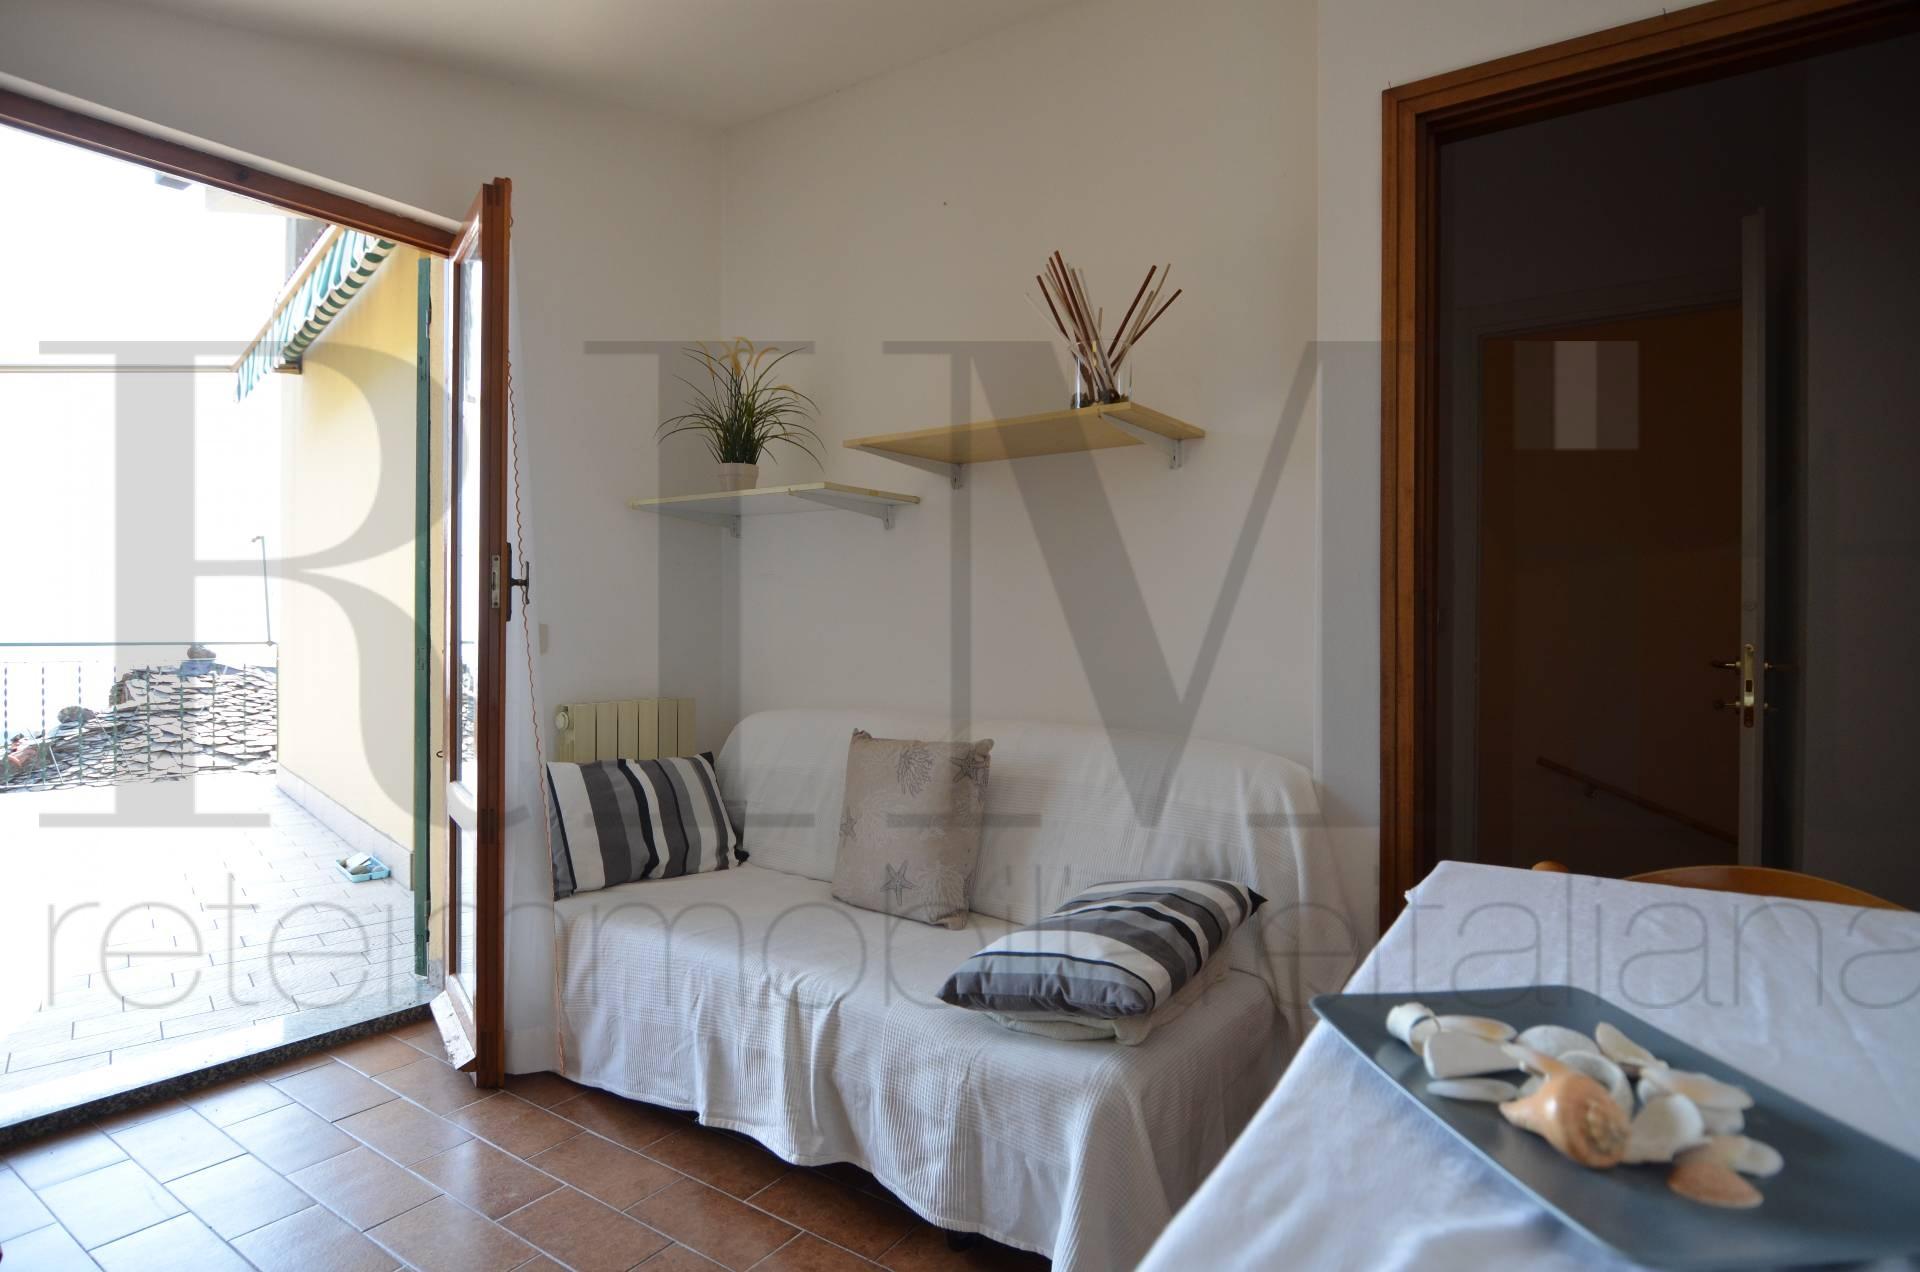 Appartamento in vendita a Moneglia, 2 locali, prezzo € 85.000 | Cambio Casa.it